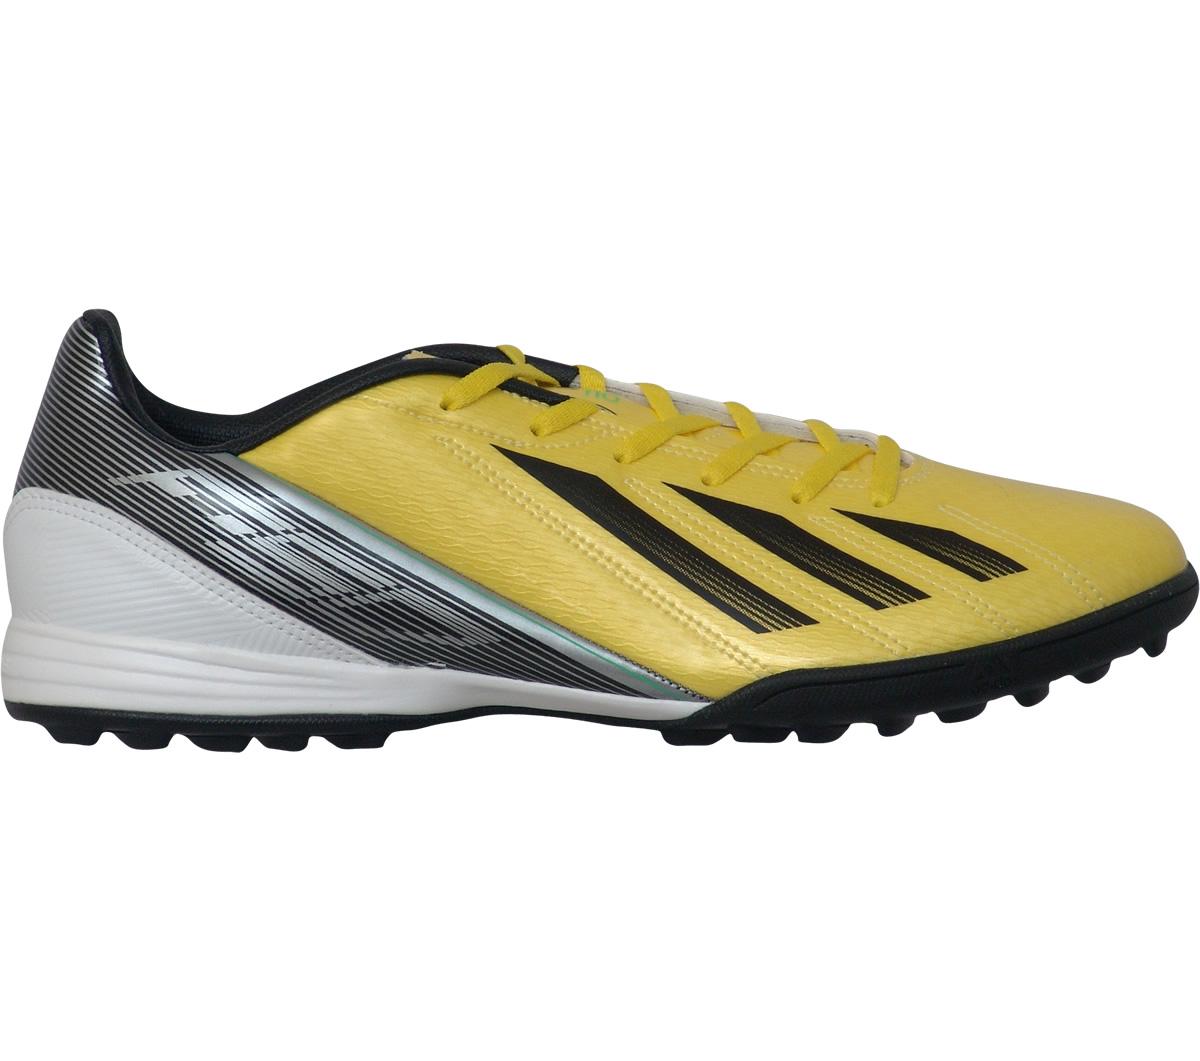 c86c0c56fce5d Chuteira Adidas F10 TRX Society Amarela e Preta - Mundo do Futebol